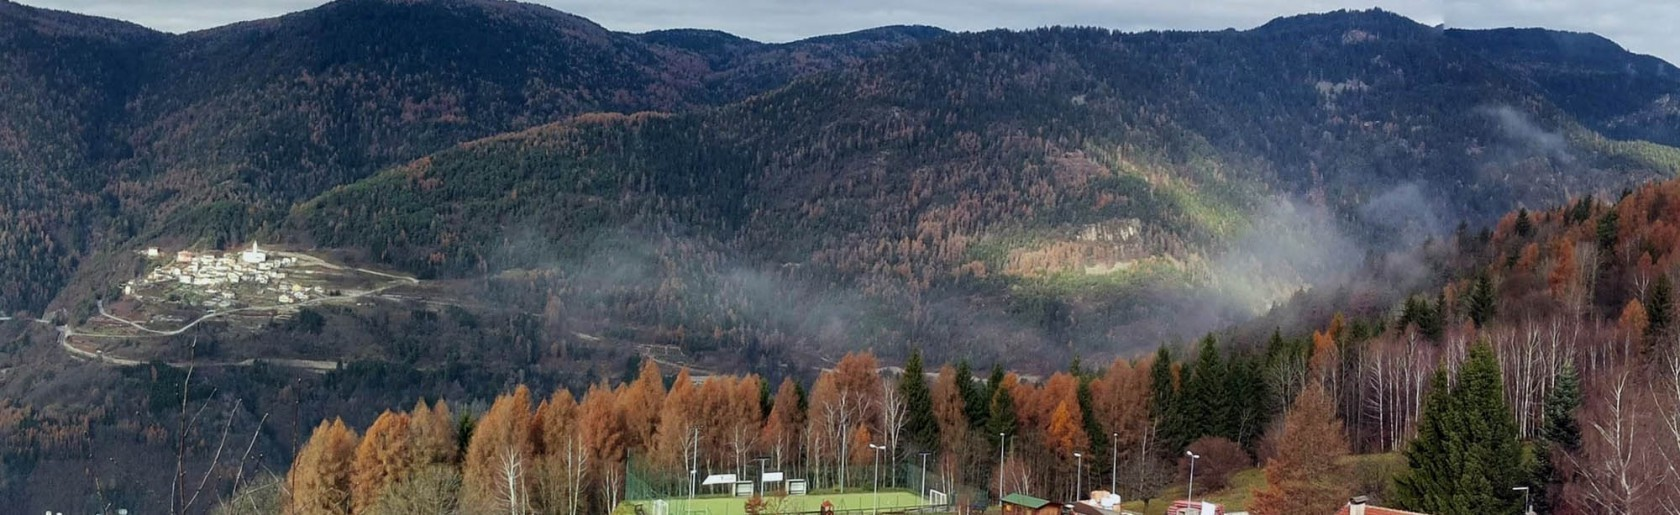 Come raggiungere l'Hotel Tirol, a Montesover in Trentino